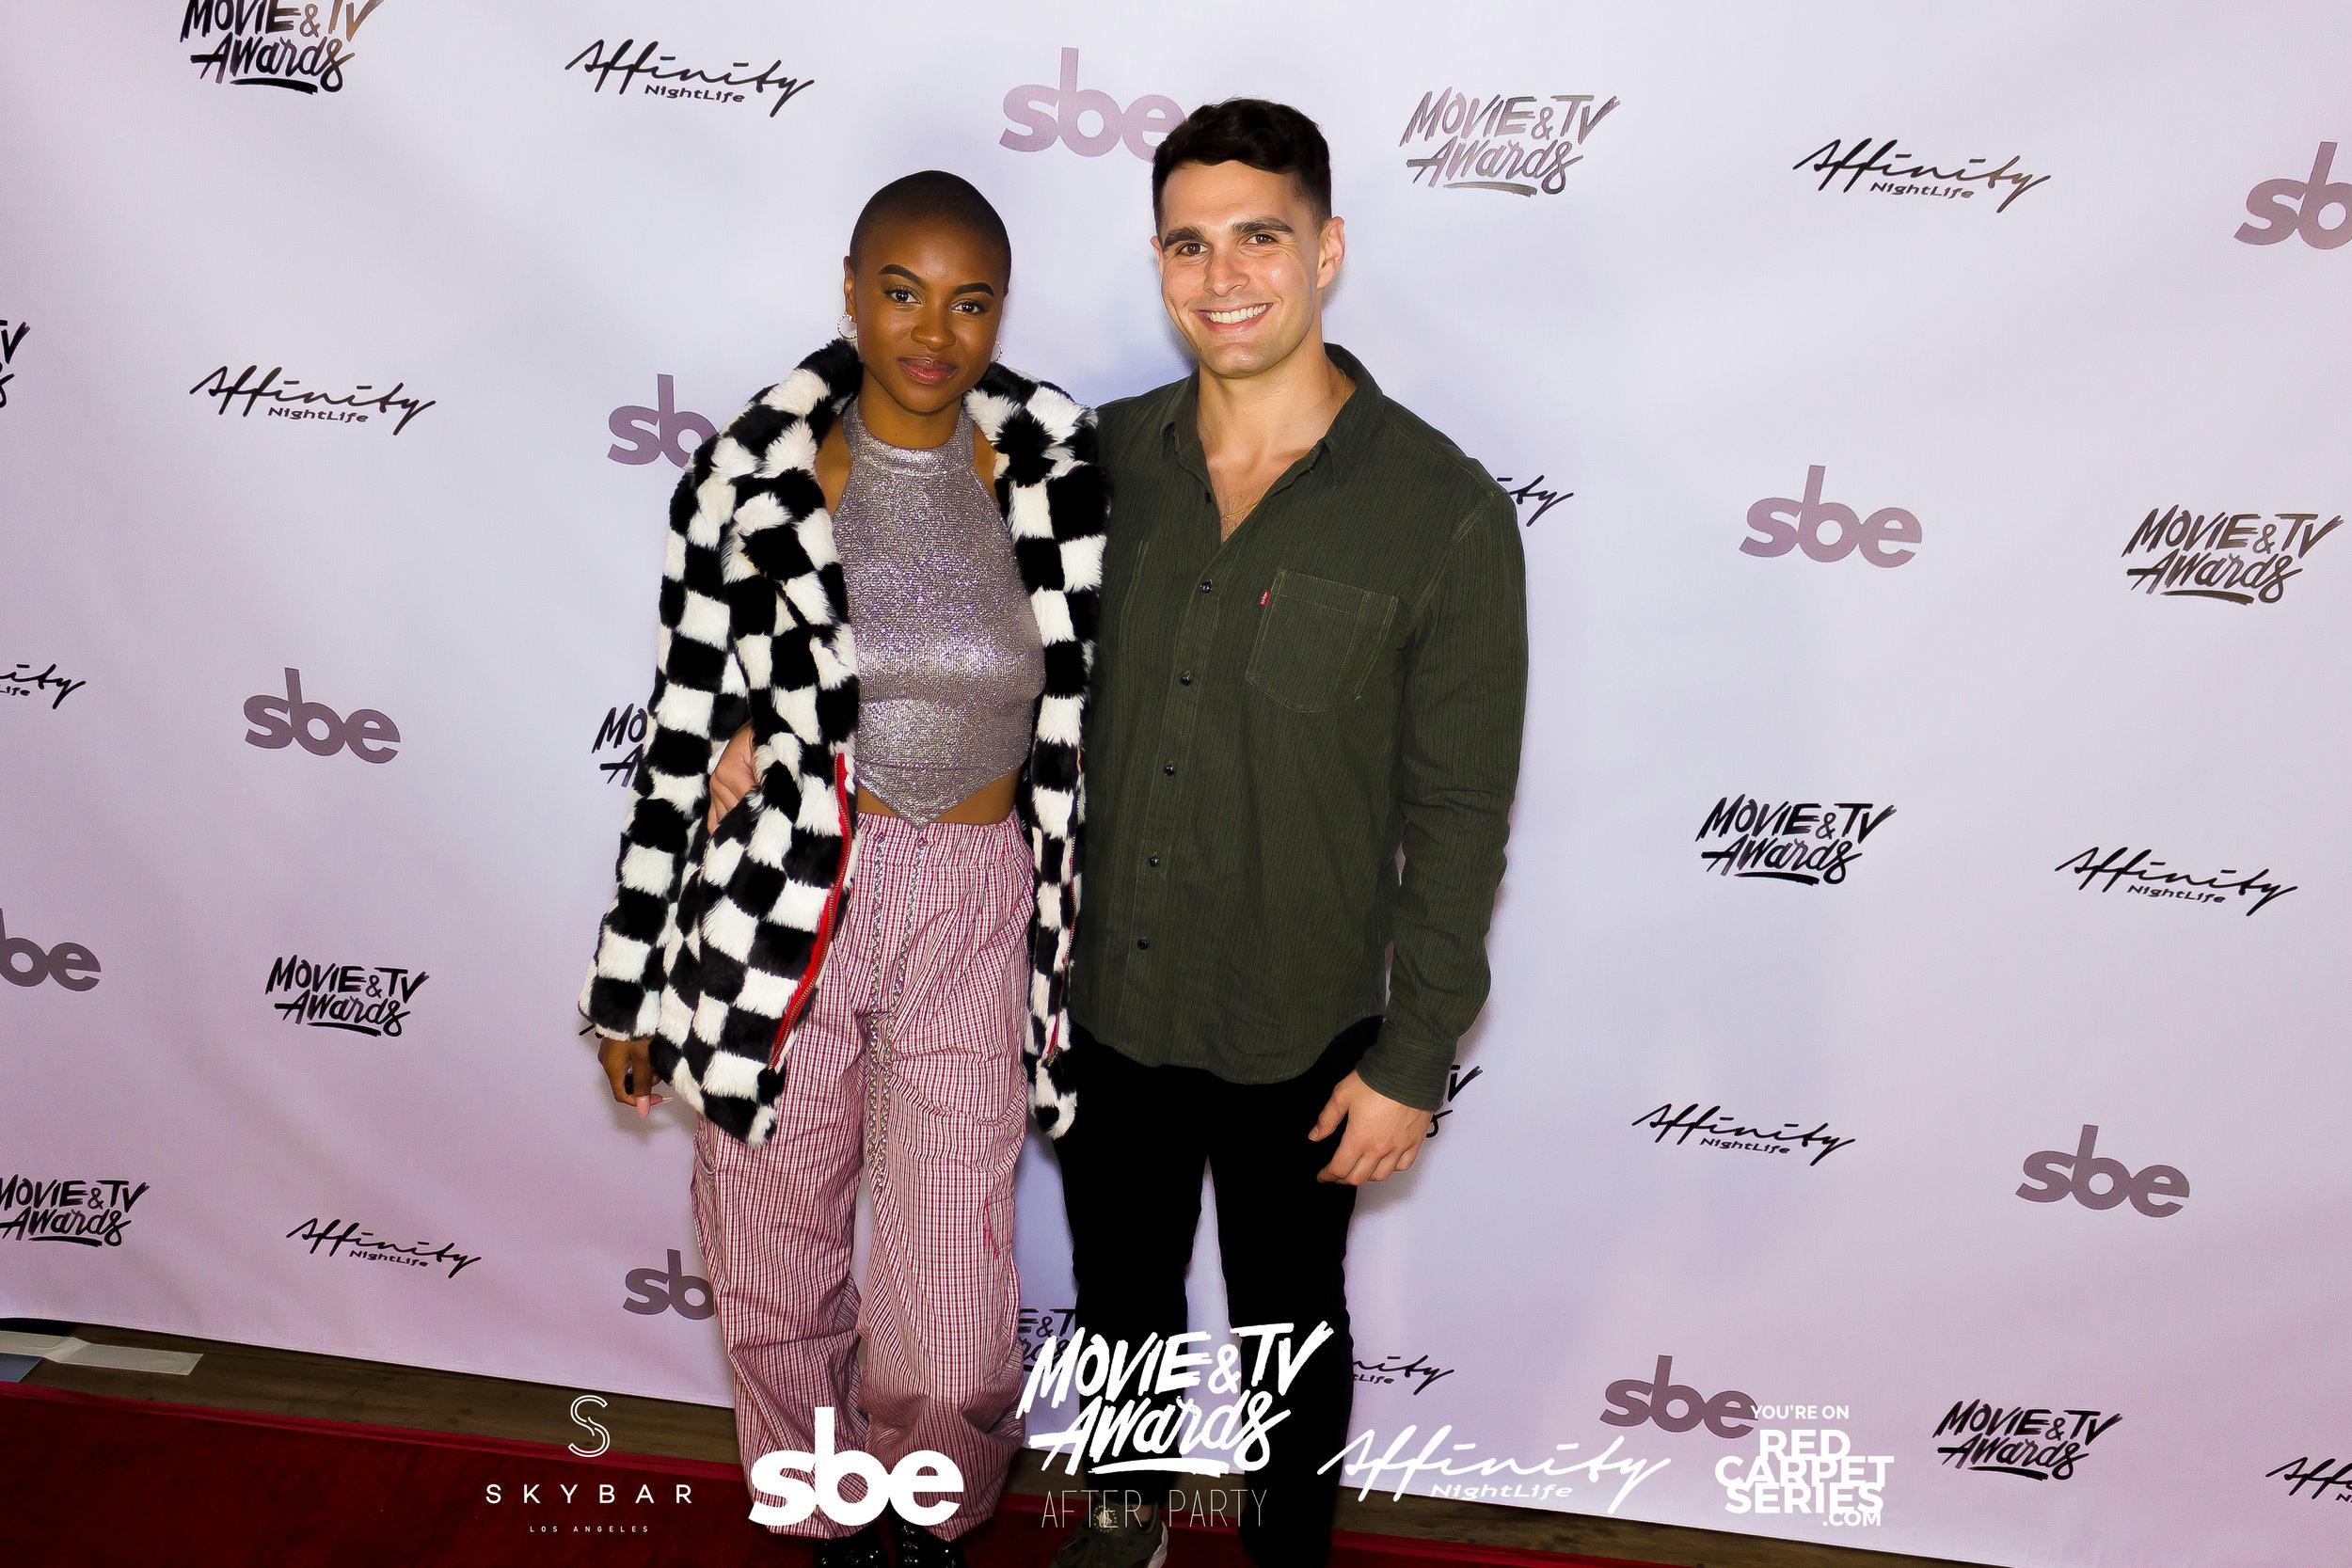 Affinity Nightlife MTV Movie & TV Awards After Party - Skybar at Mondrian - 06-15-19 - Vol. 1_17.jpg